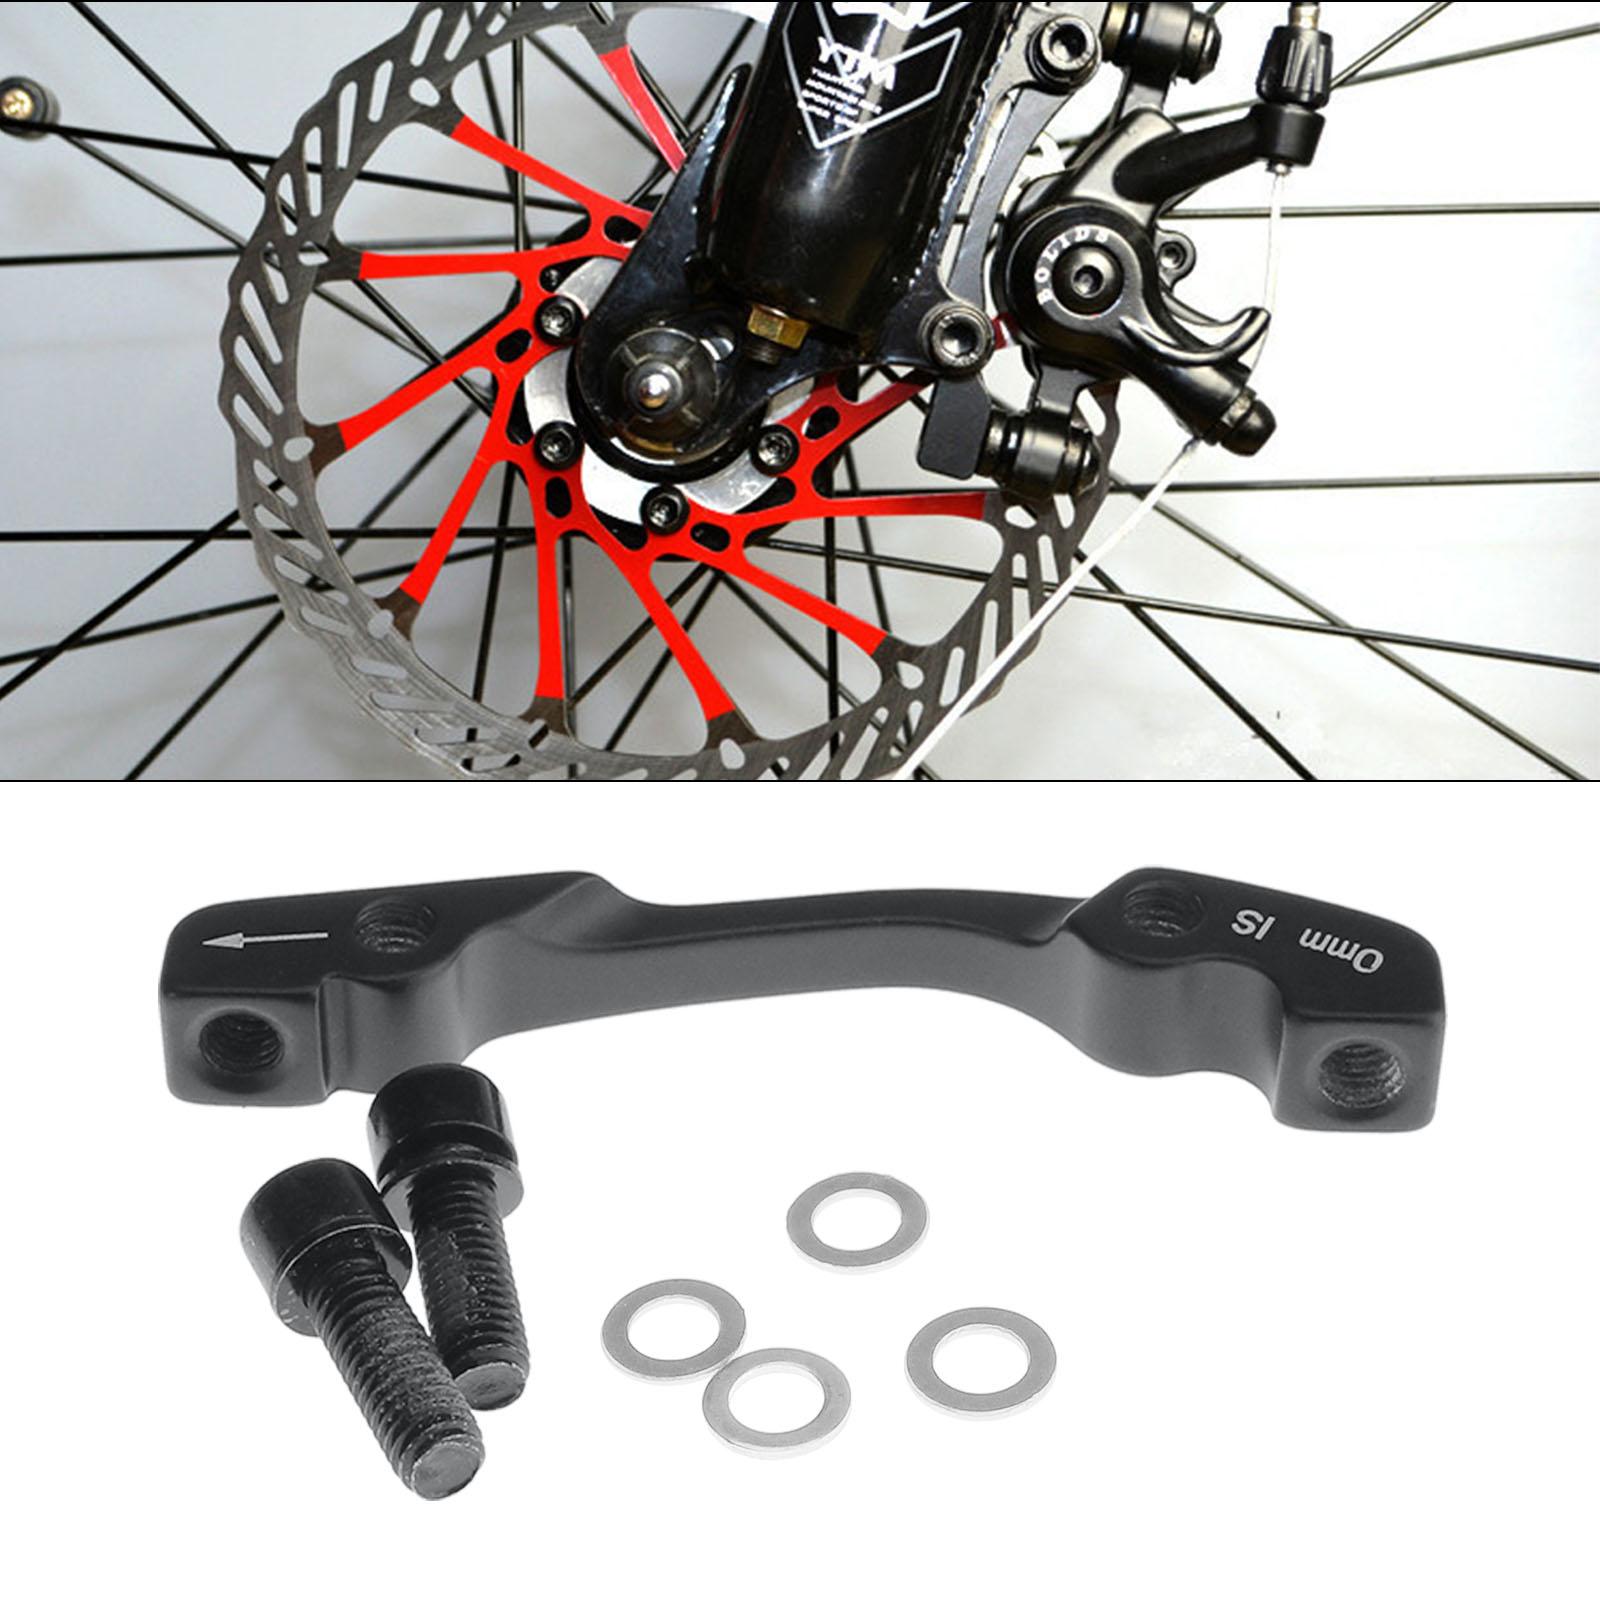 + BICYCLE BIKE Disc Brake Rotor Adaptor 180mm Mountain Bike Front Rear